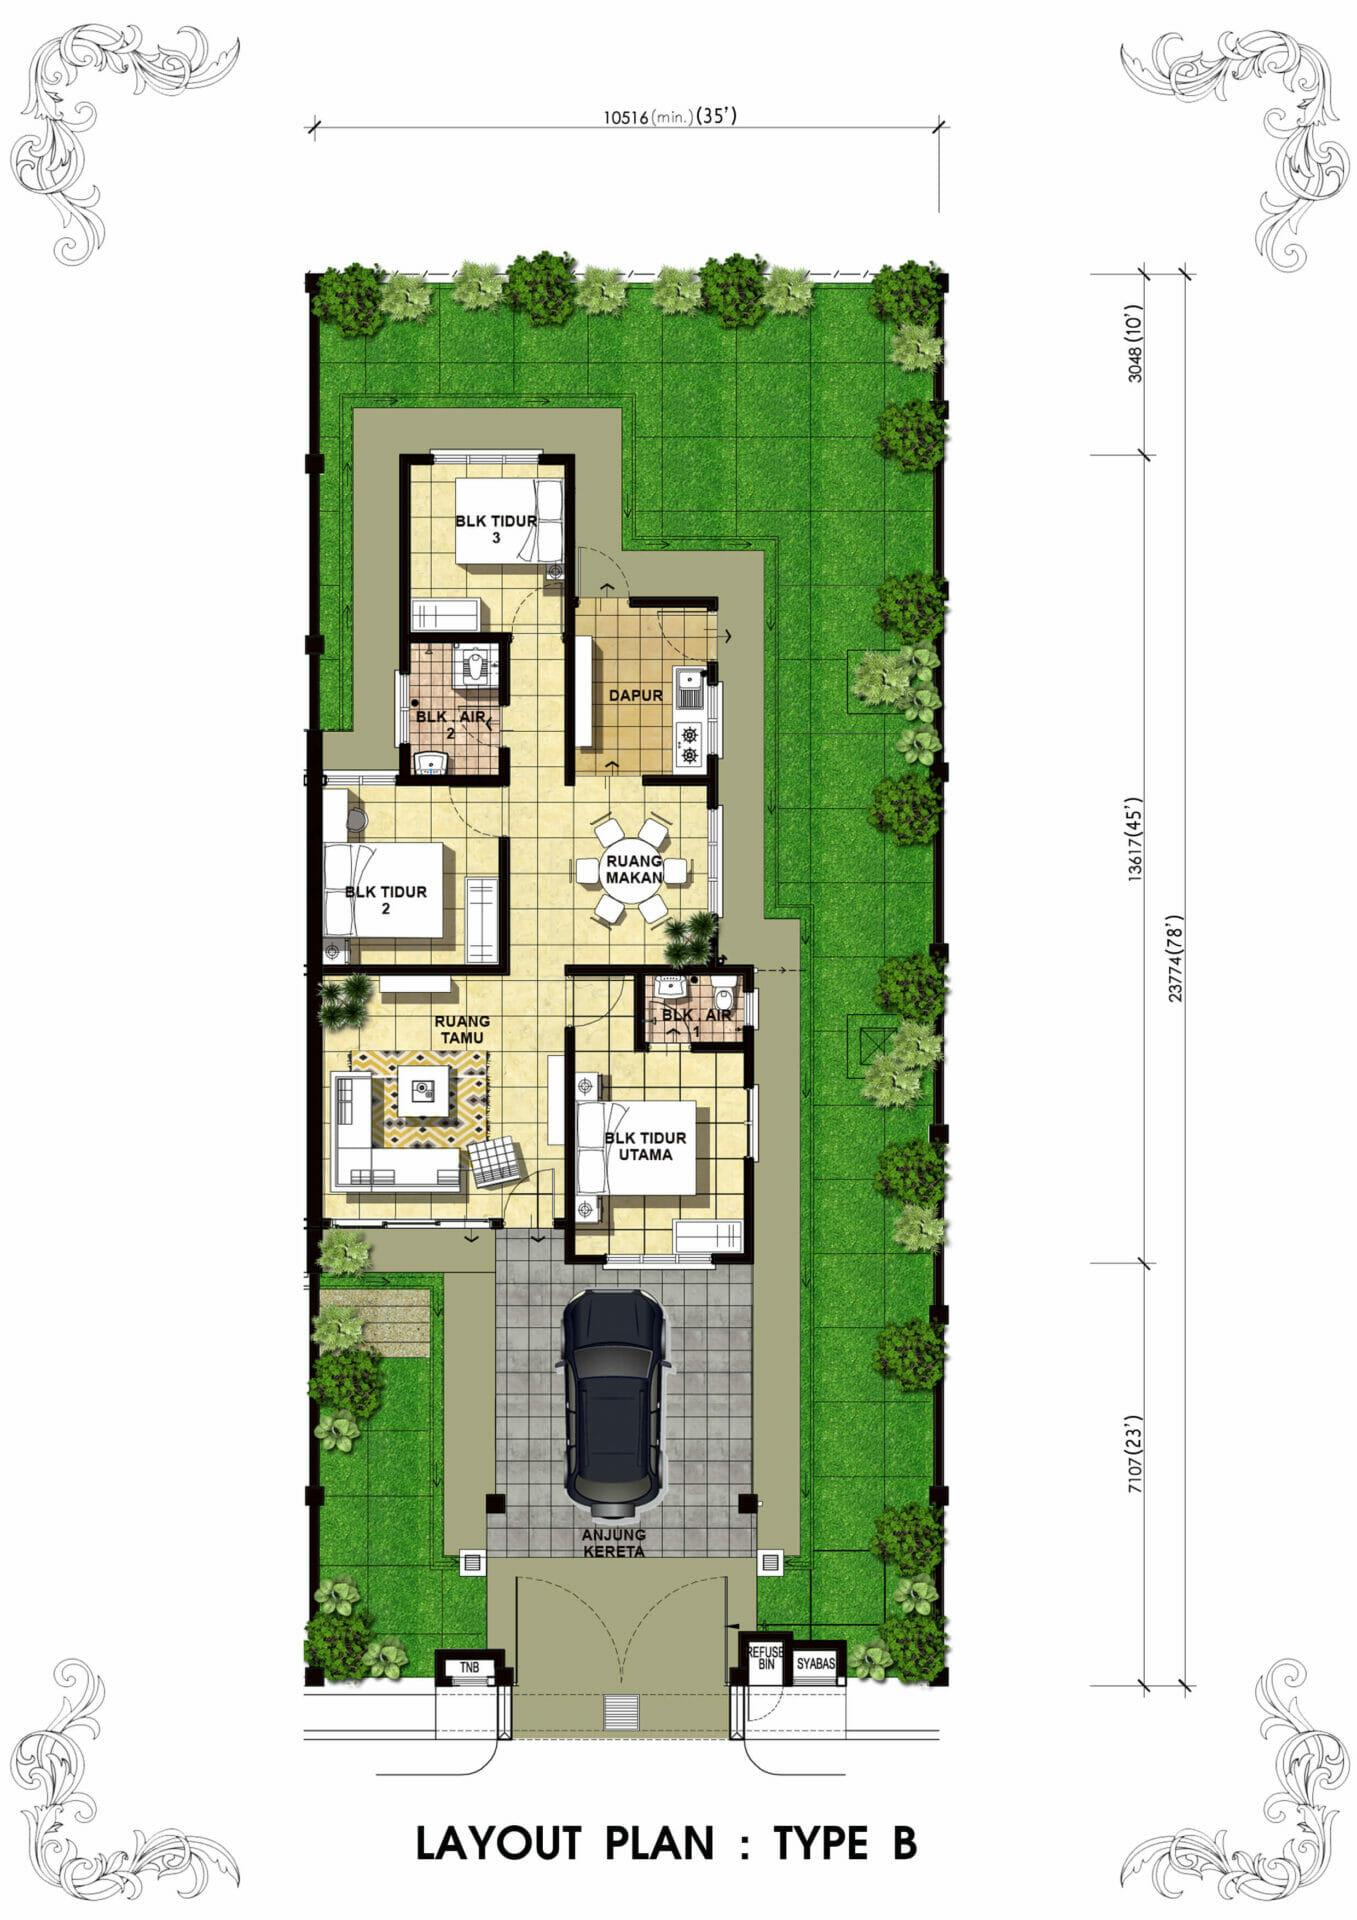 Lot 4208 Taman Bentara, Teluk Panglima Garang 5